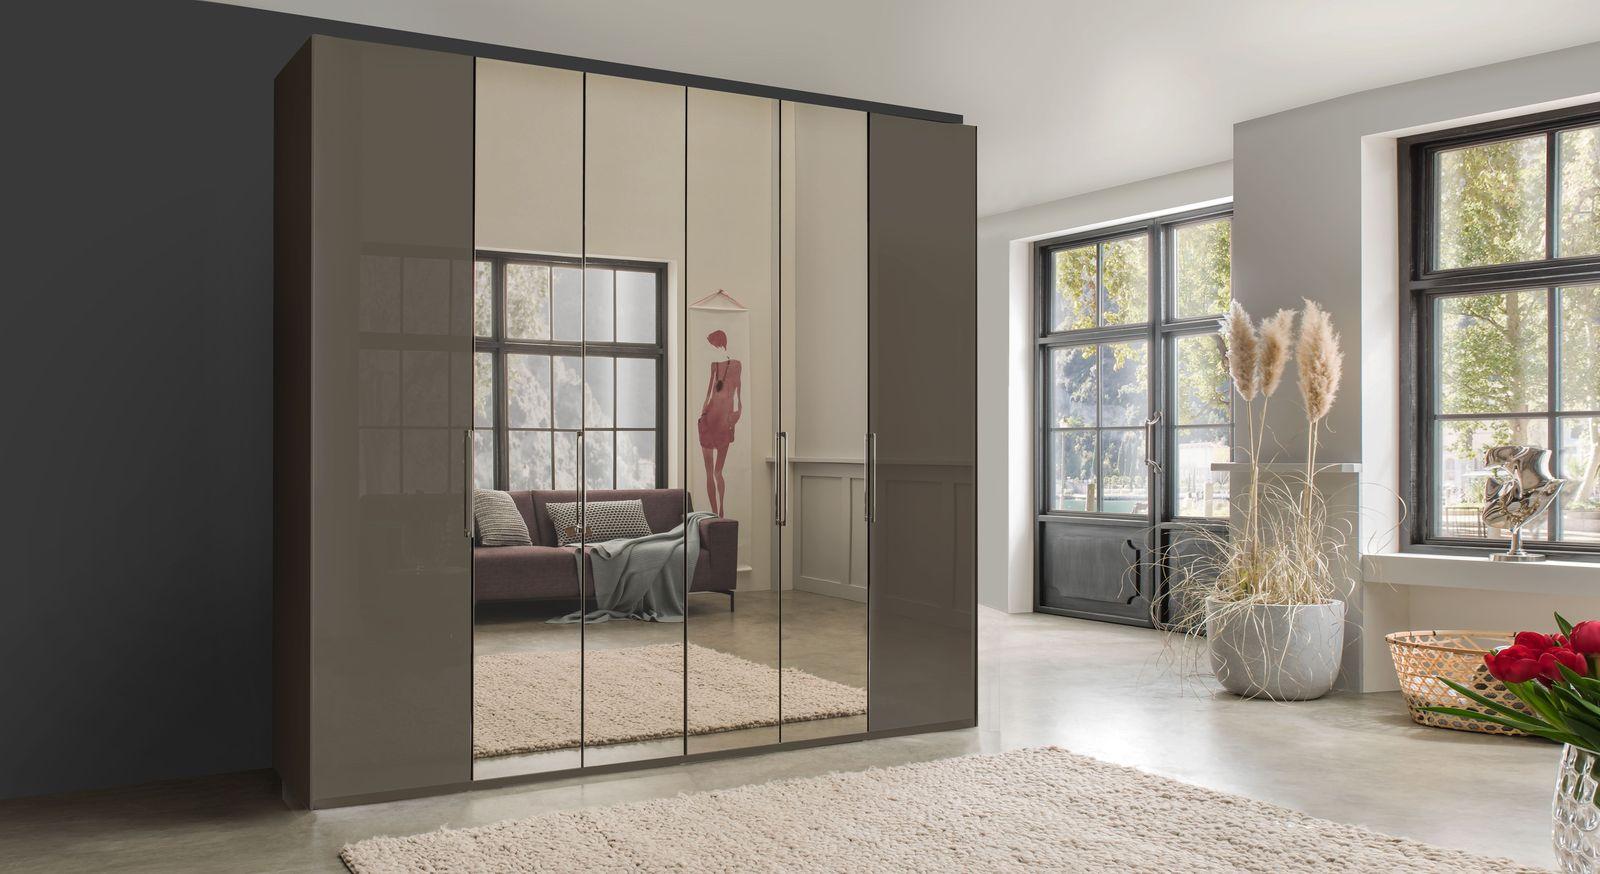 Spiegel-Falttüren-Kleiderschrank Southville in hochwertiger Qualität